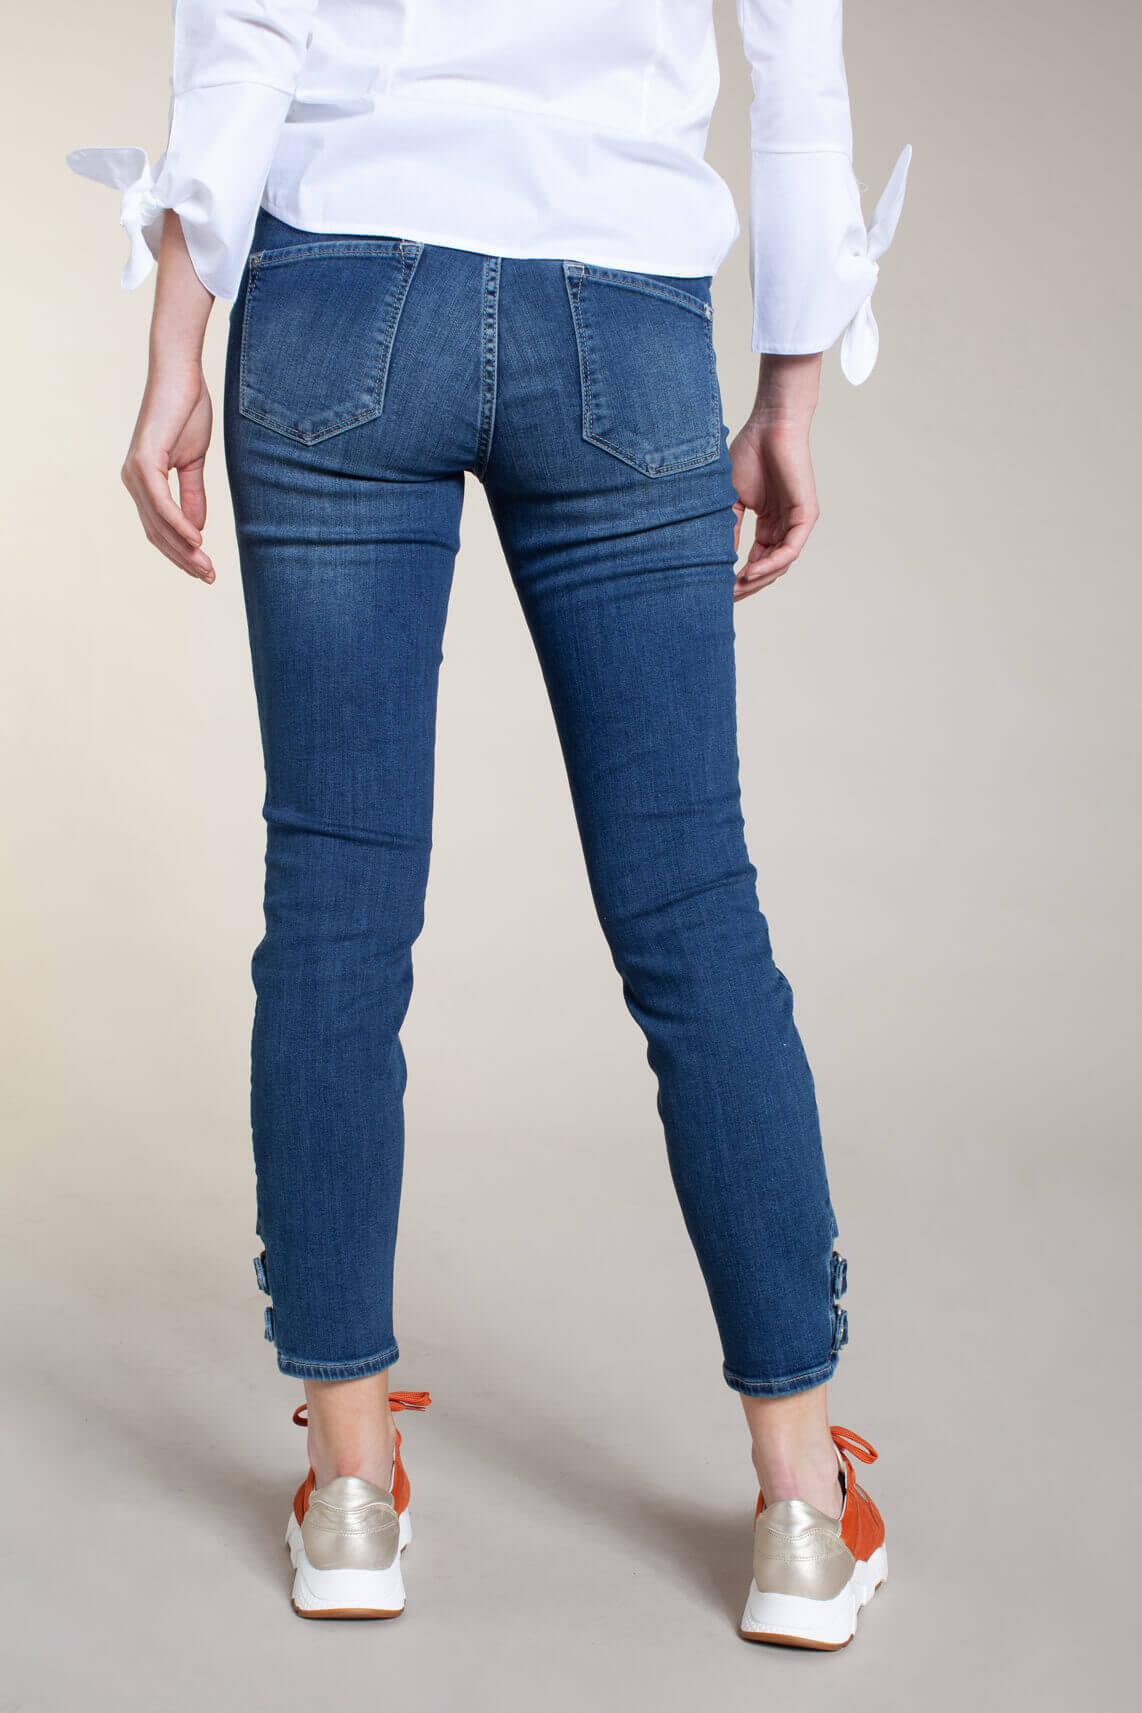 Rosner Dames L28 Antonia jeans met gesp Blauw